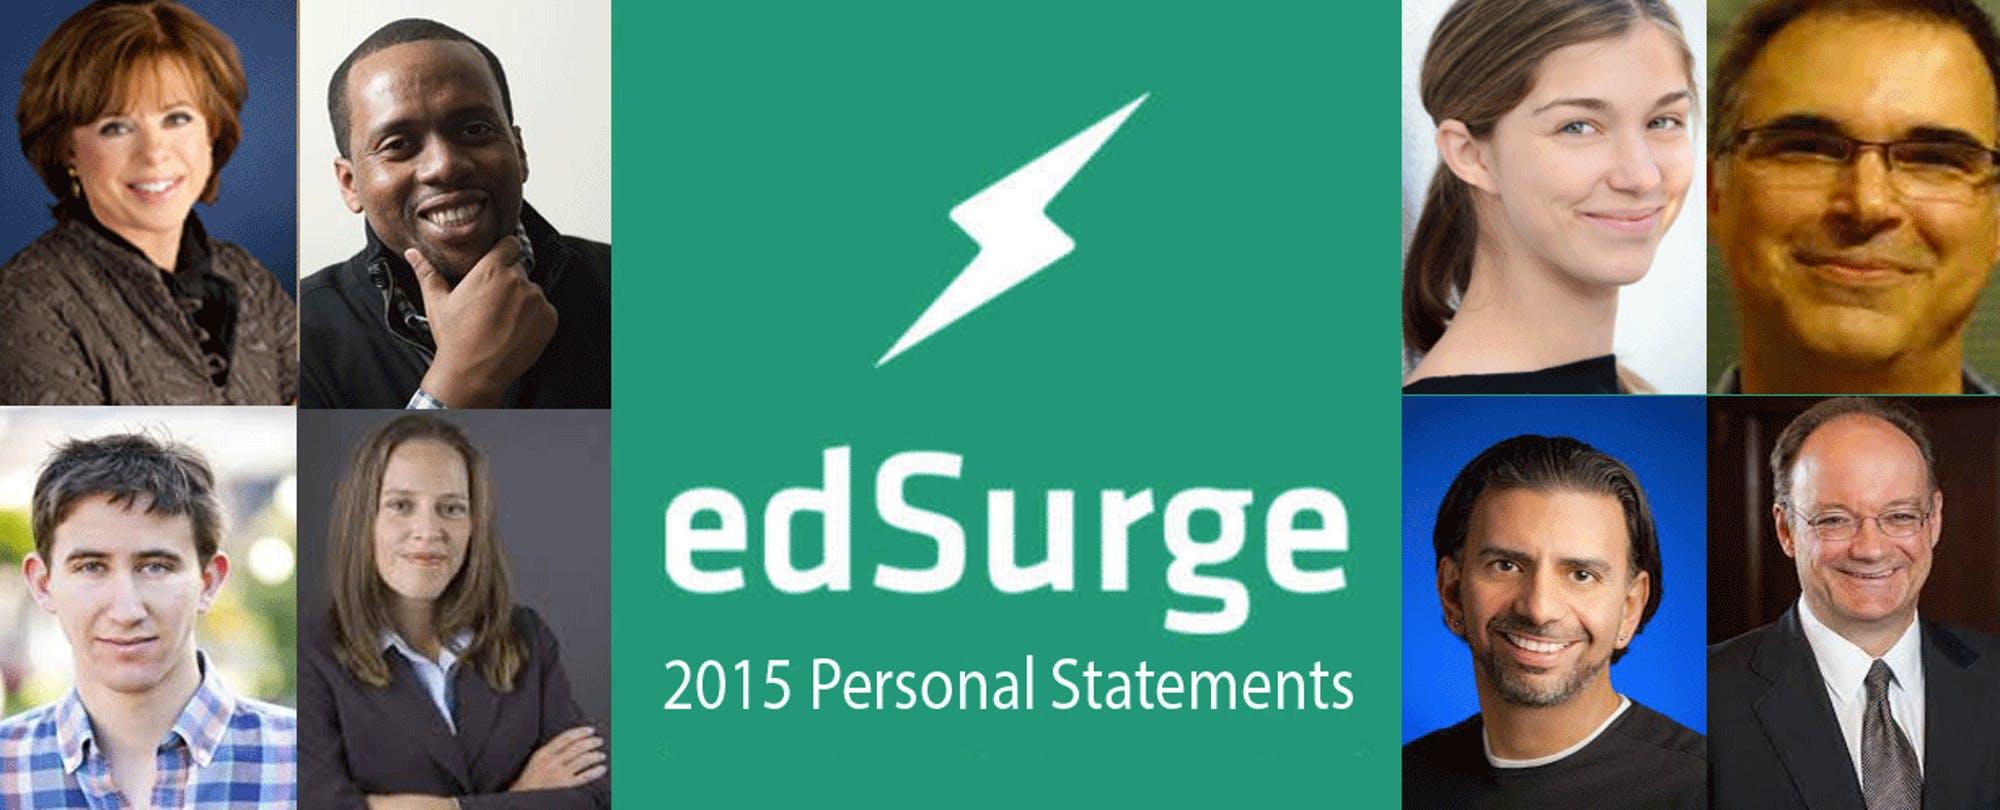 EdSurge 2015 Personal Statements